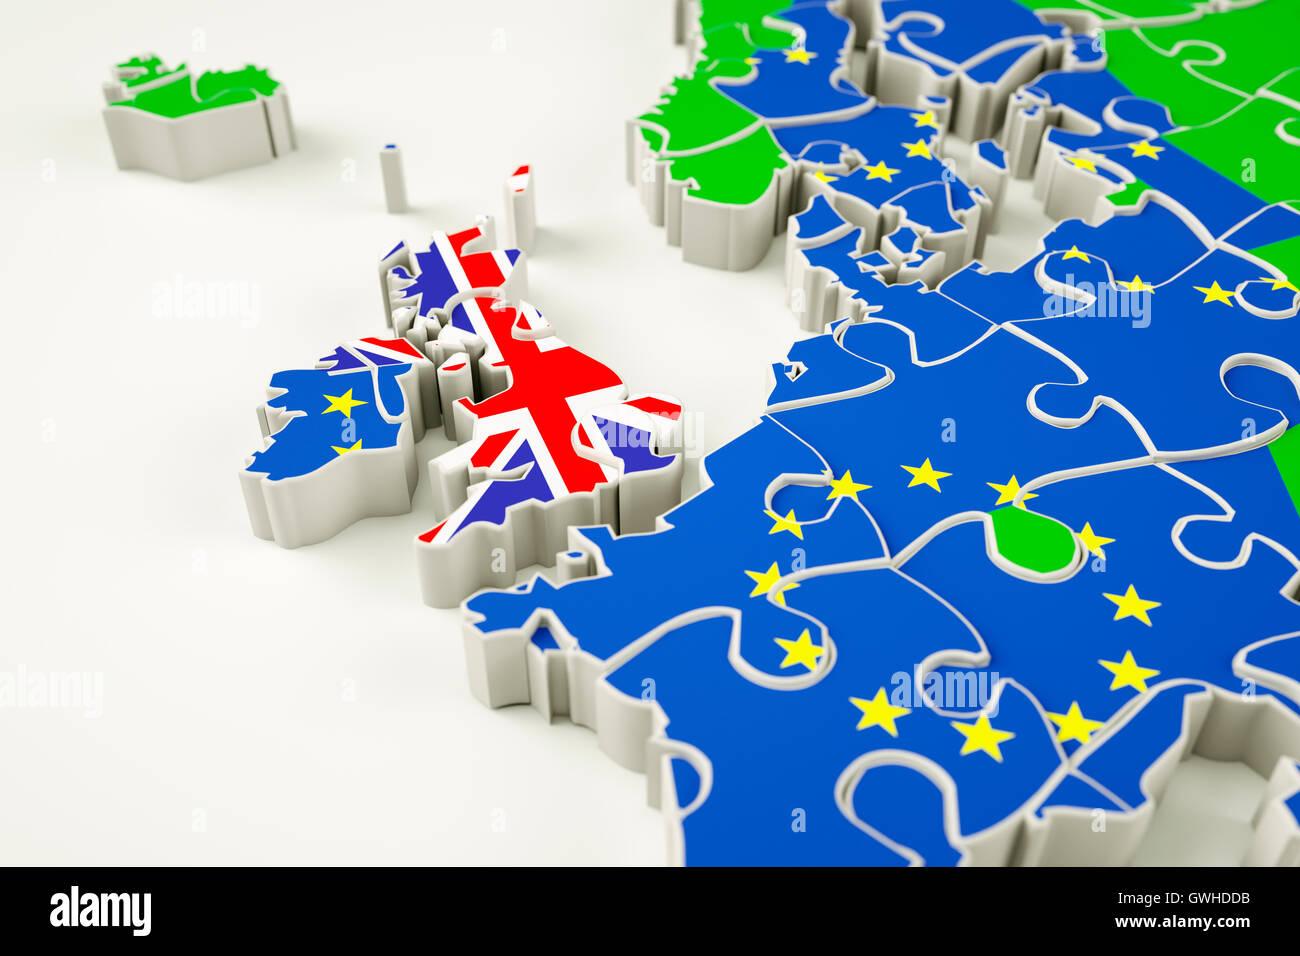 Brexit Brexit concept puzzle - représentant le Royaume-Uni, sortie, l'Union européenne référendum, Photo Stock